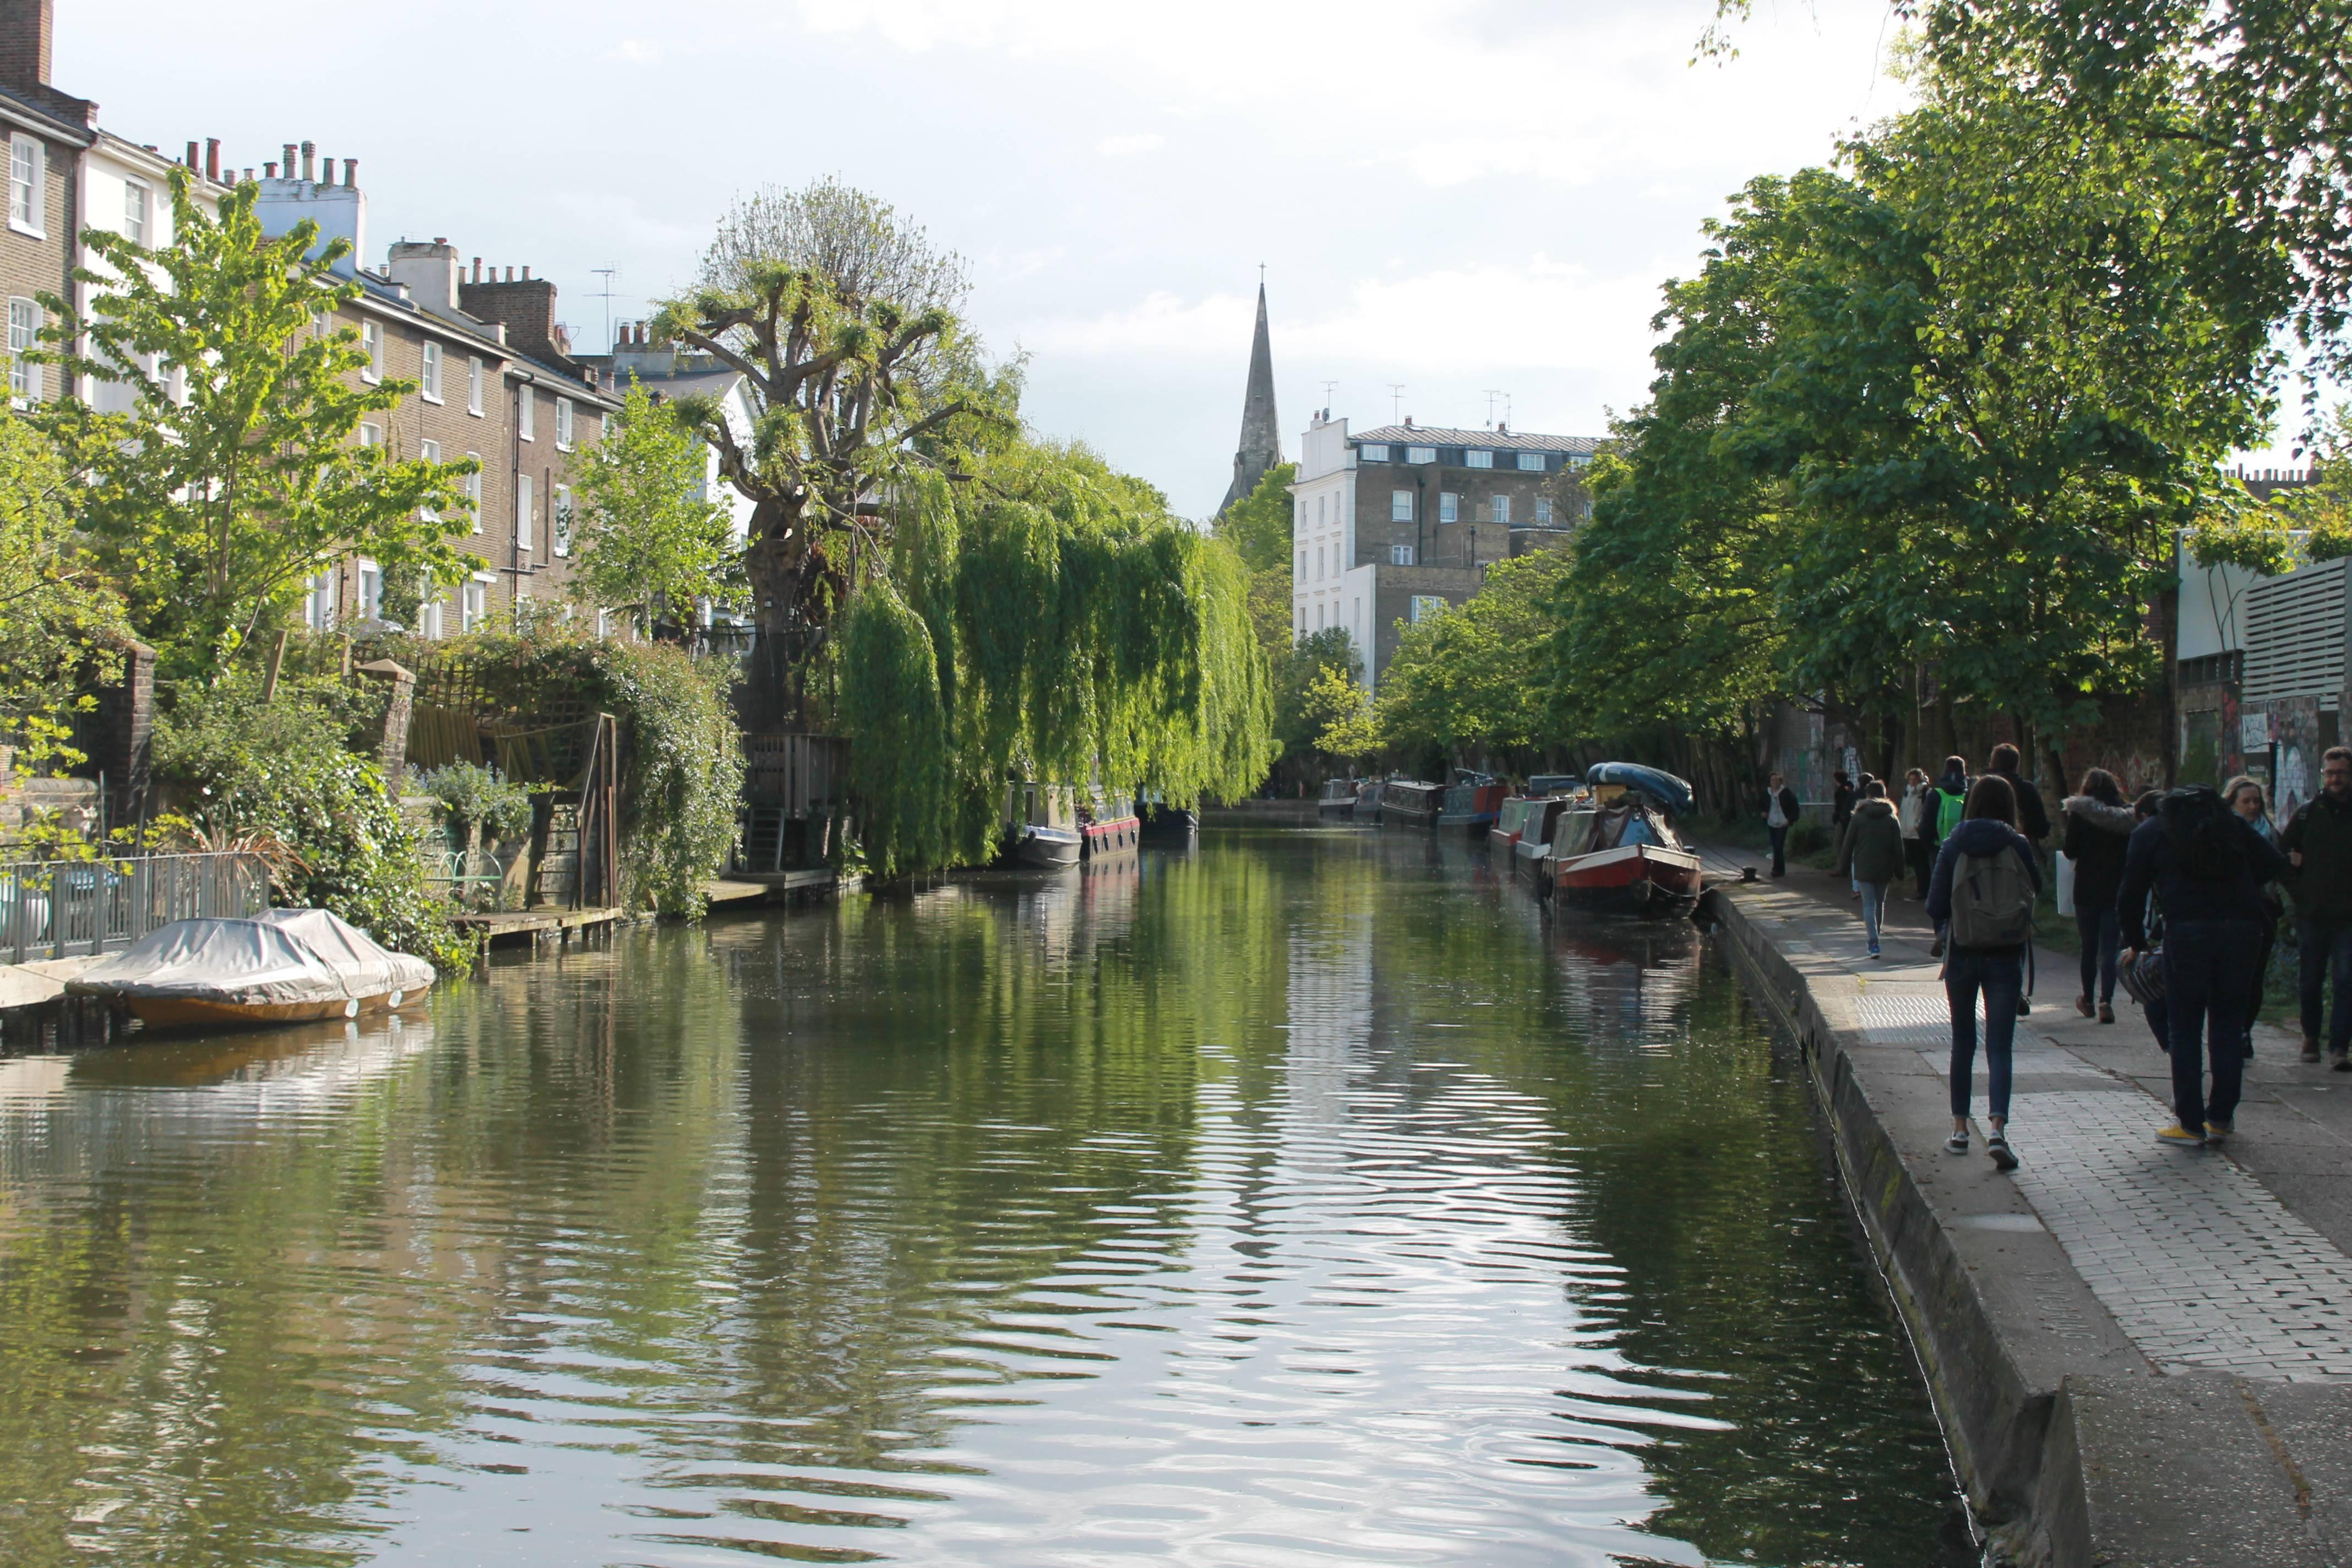 Photo 3: Little Venice: un petit goût d'Italie chez les Londoniens!